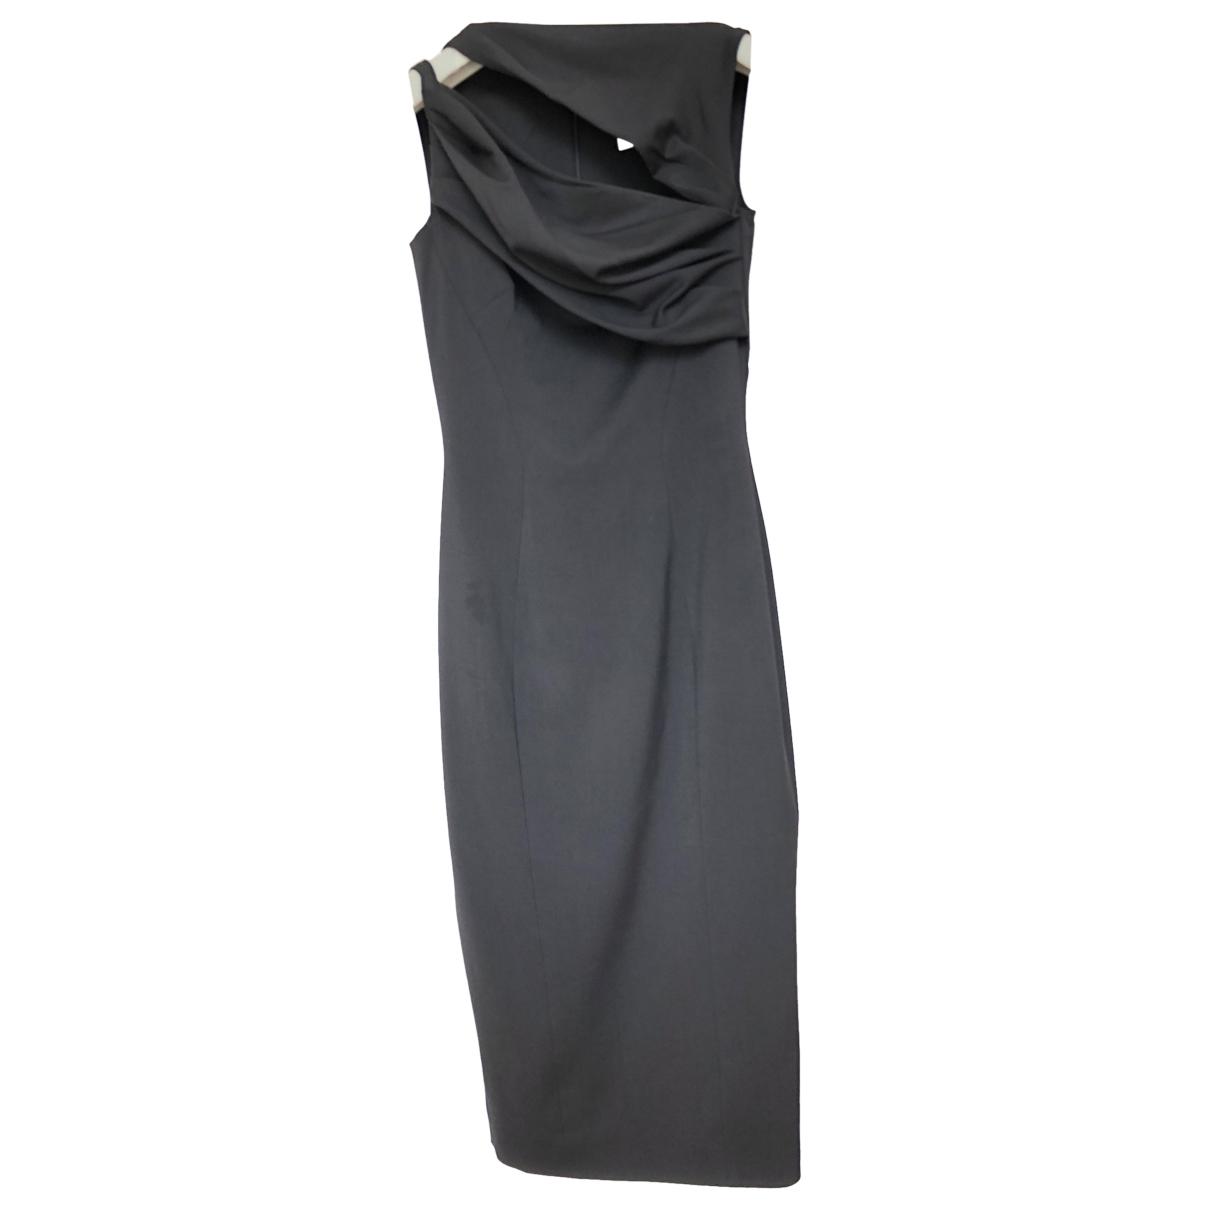 Dsquared2 \N Black Wool dress for Women 40 IT